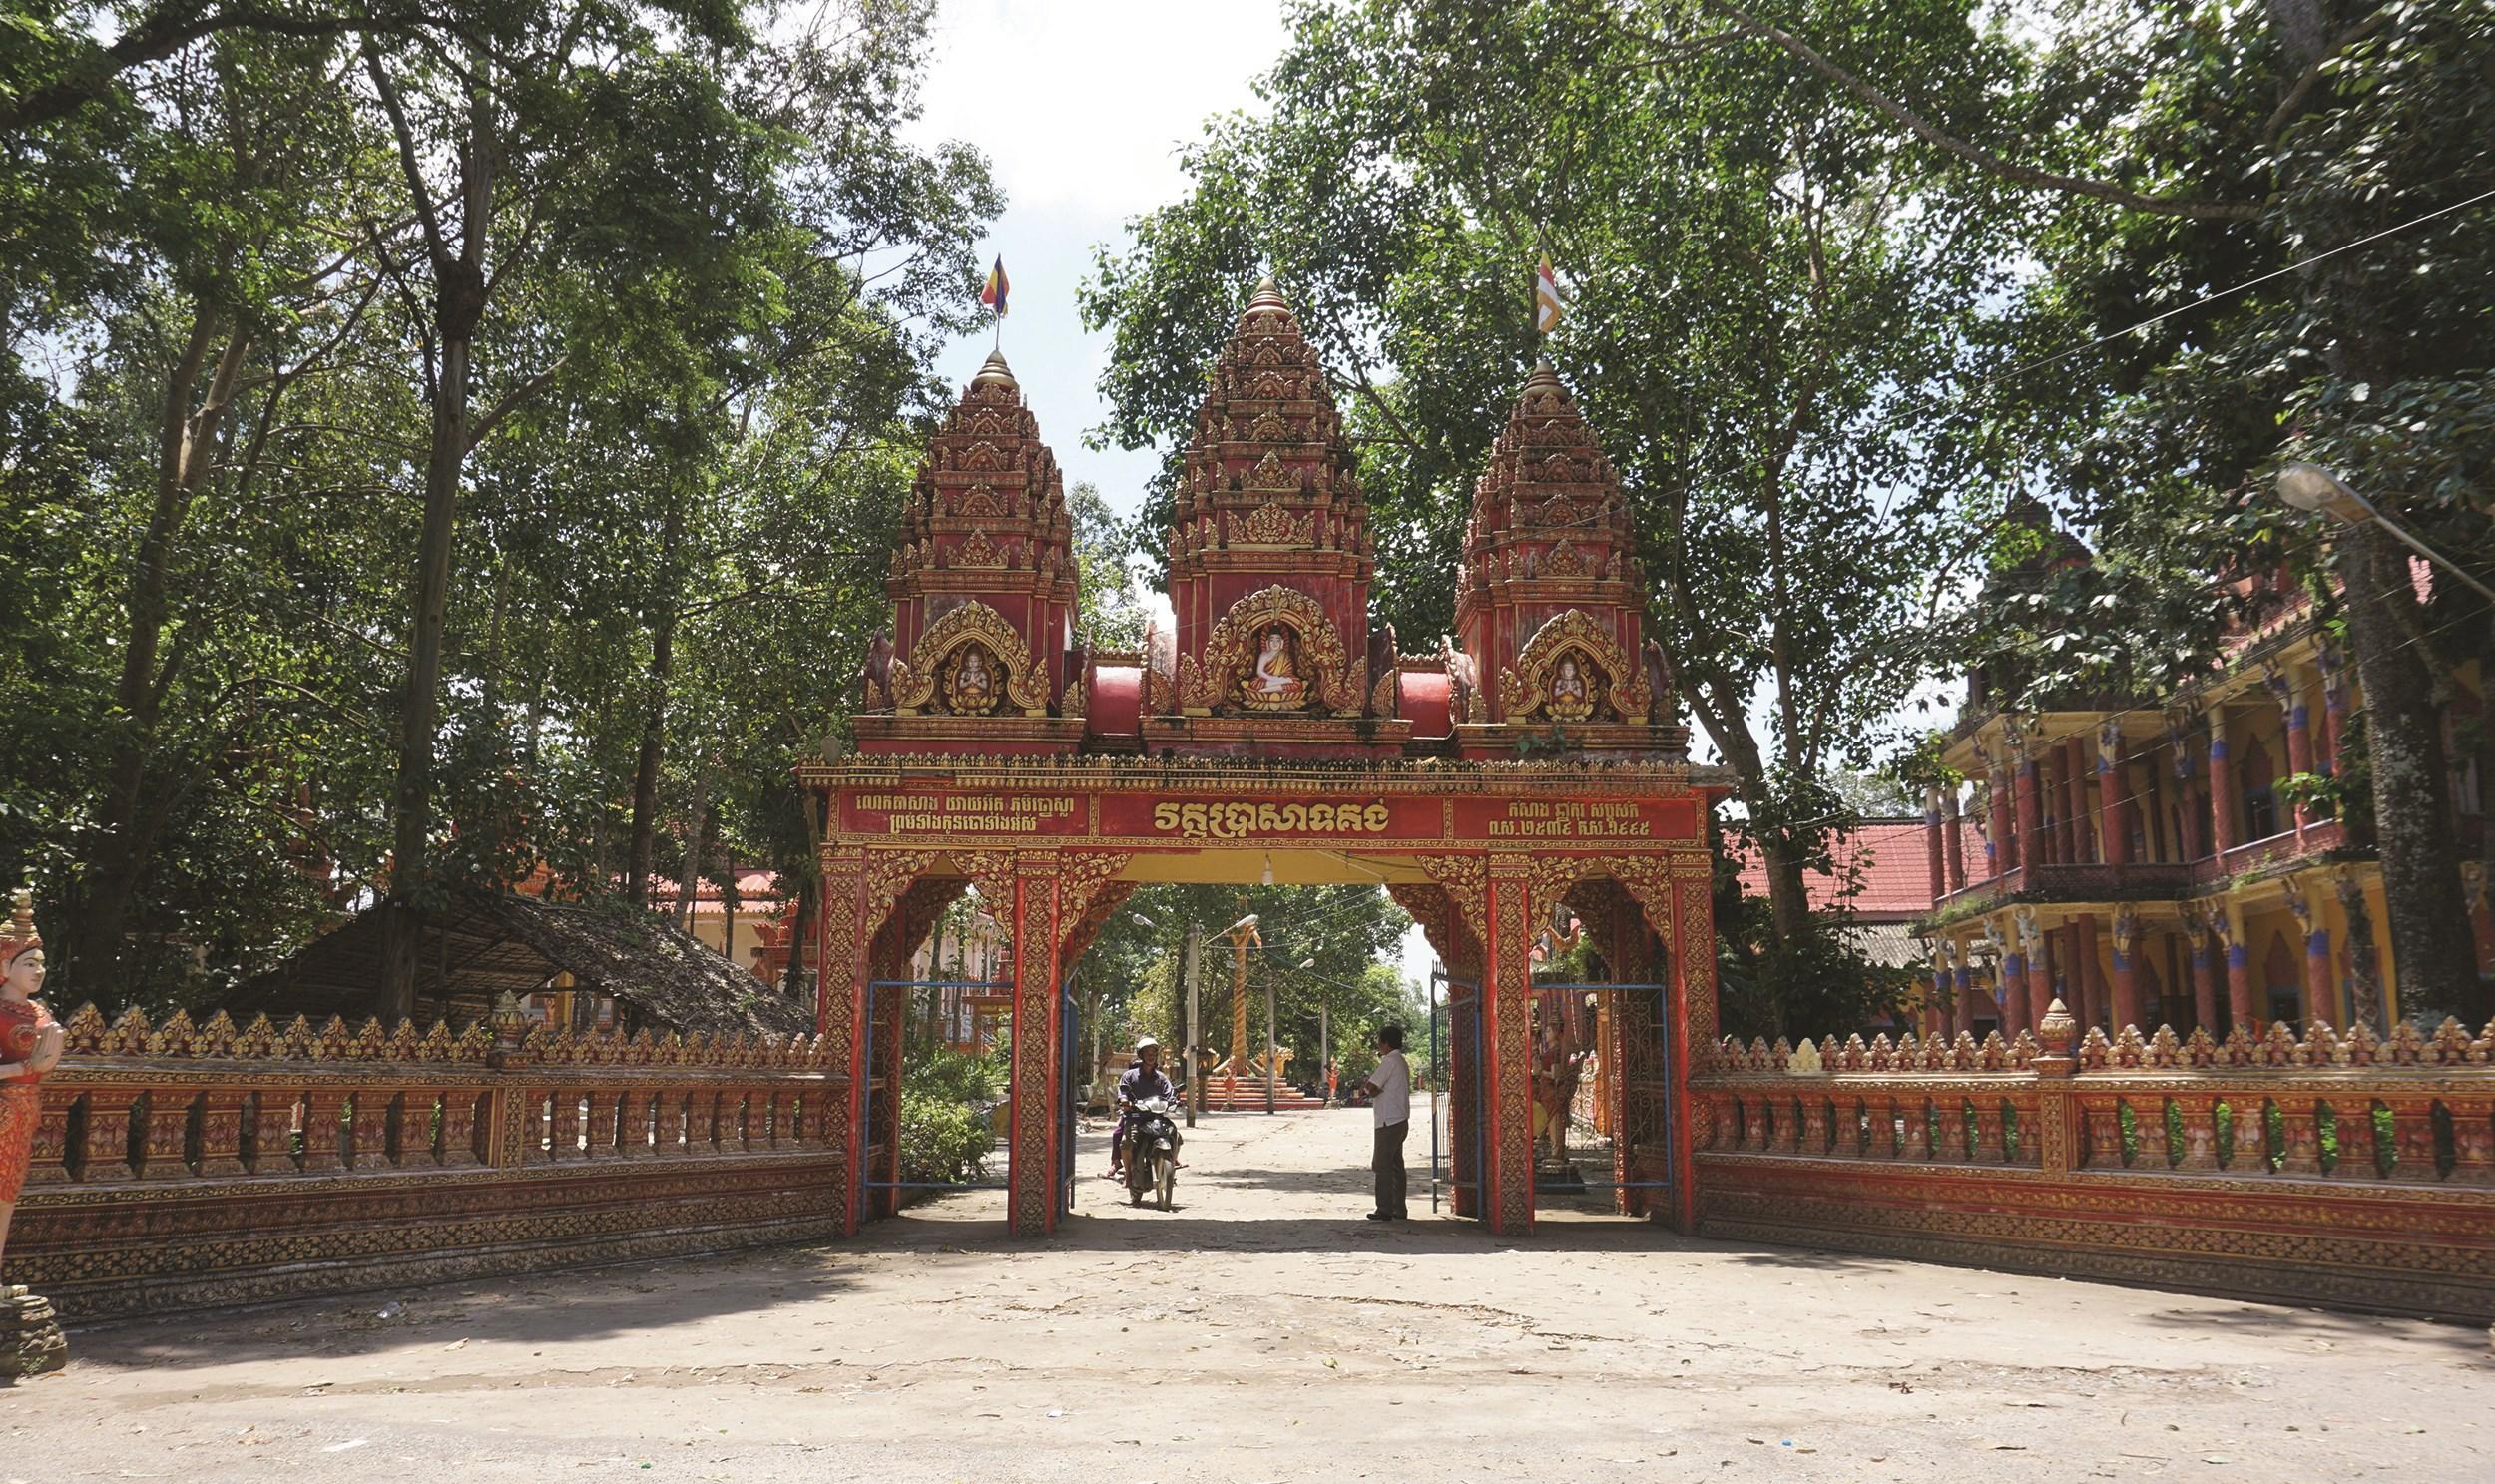 Các chùa Khmer trên địa bàn được trùng tu khang trang đáp ứng nguyện vọng của đa số đồng bào